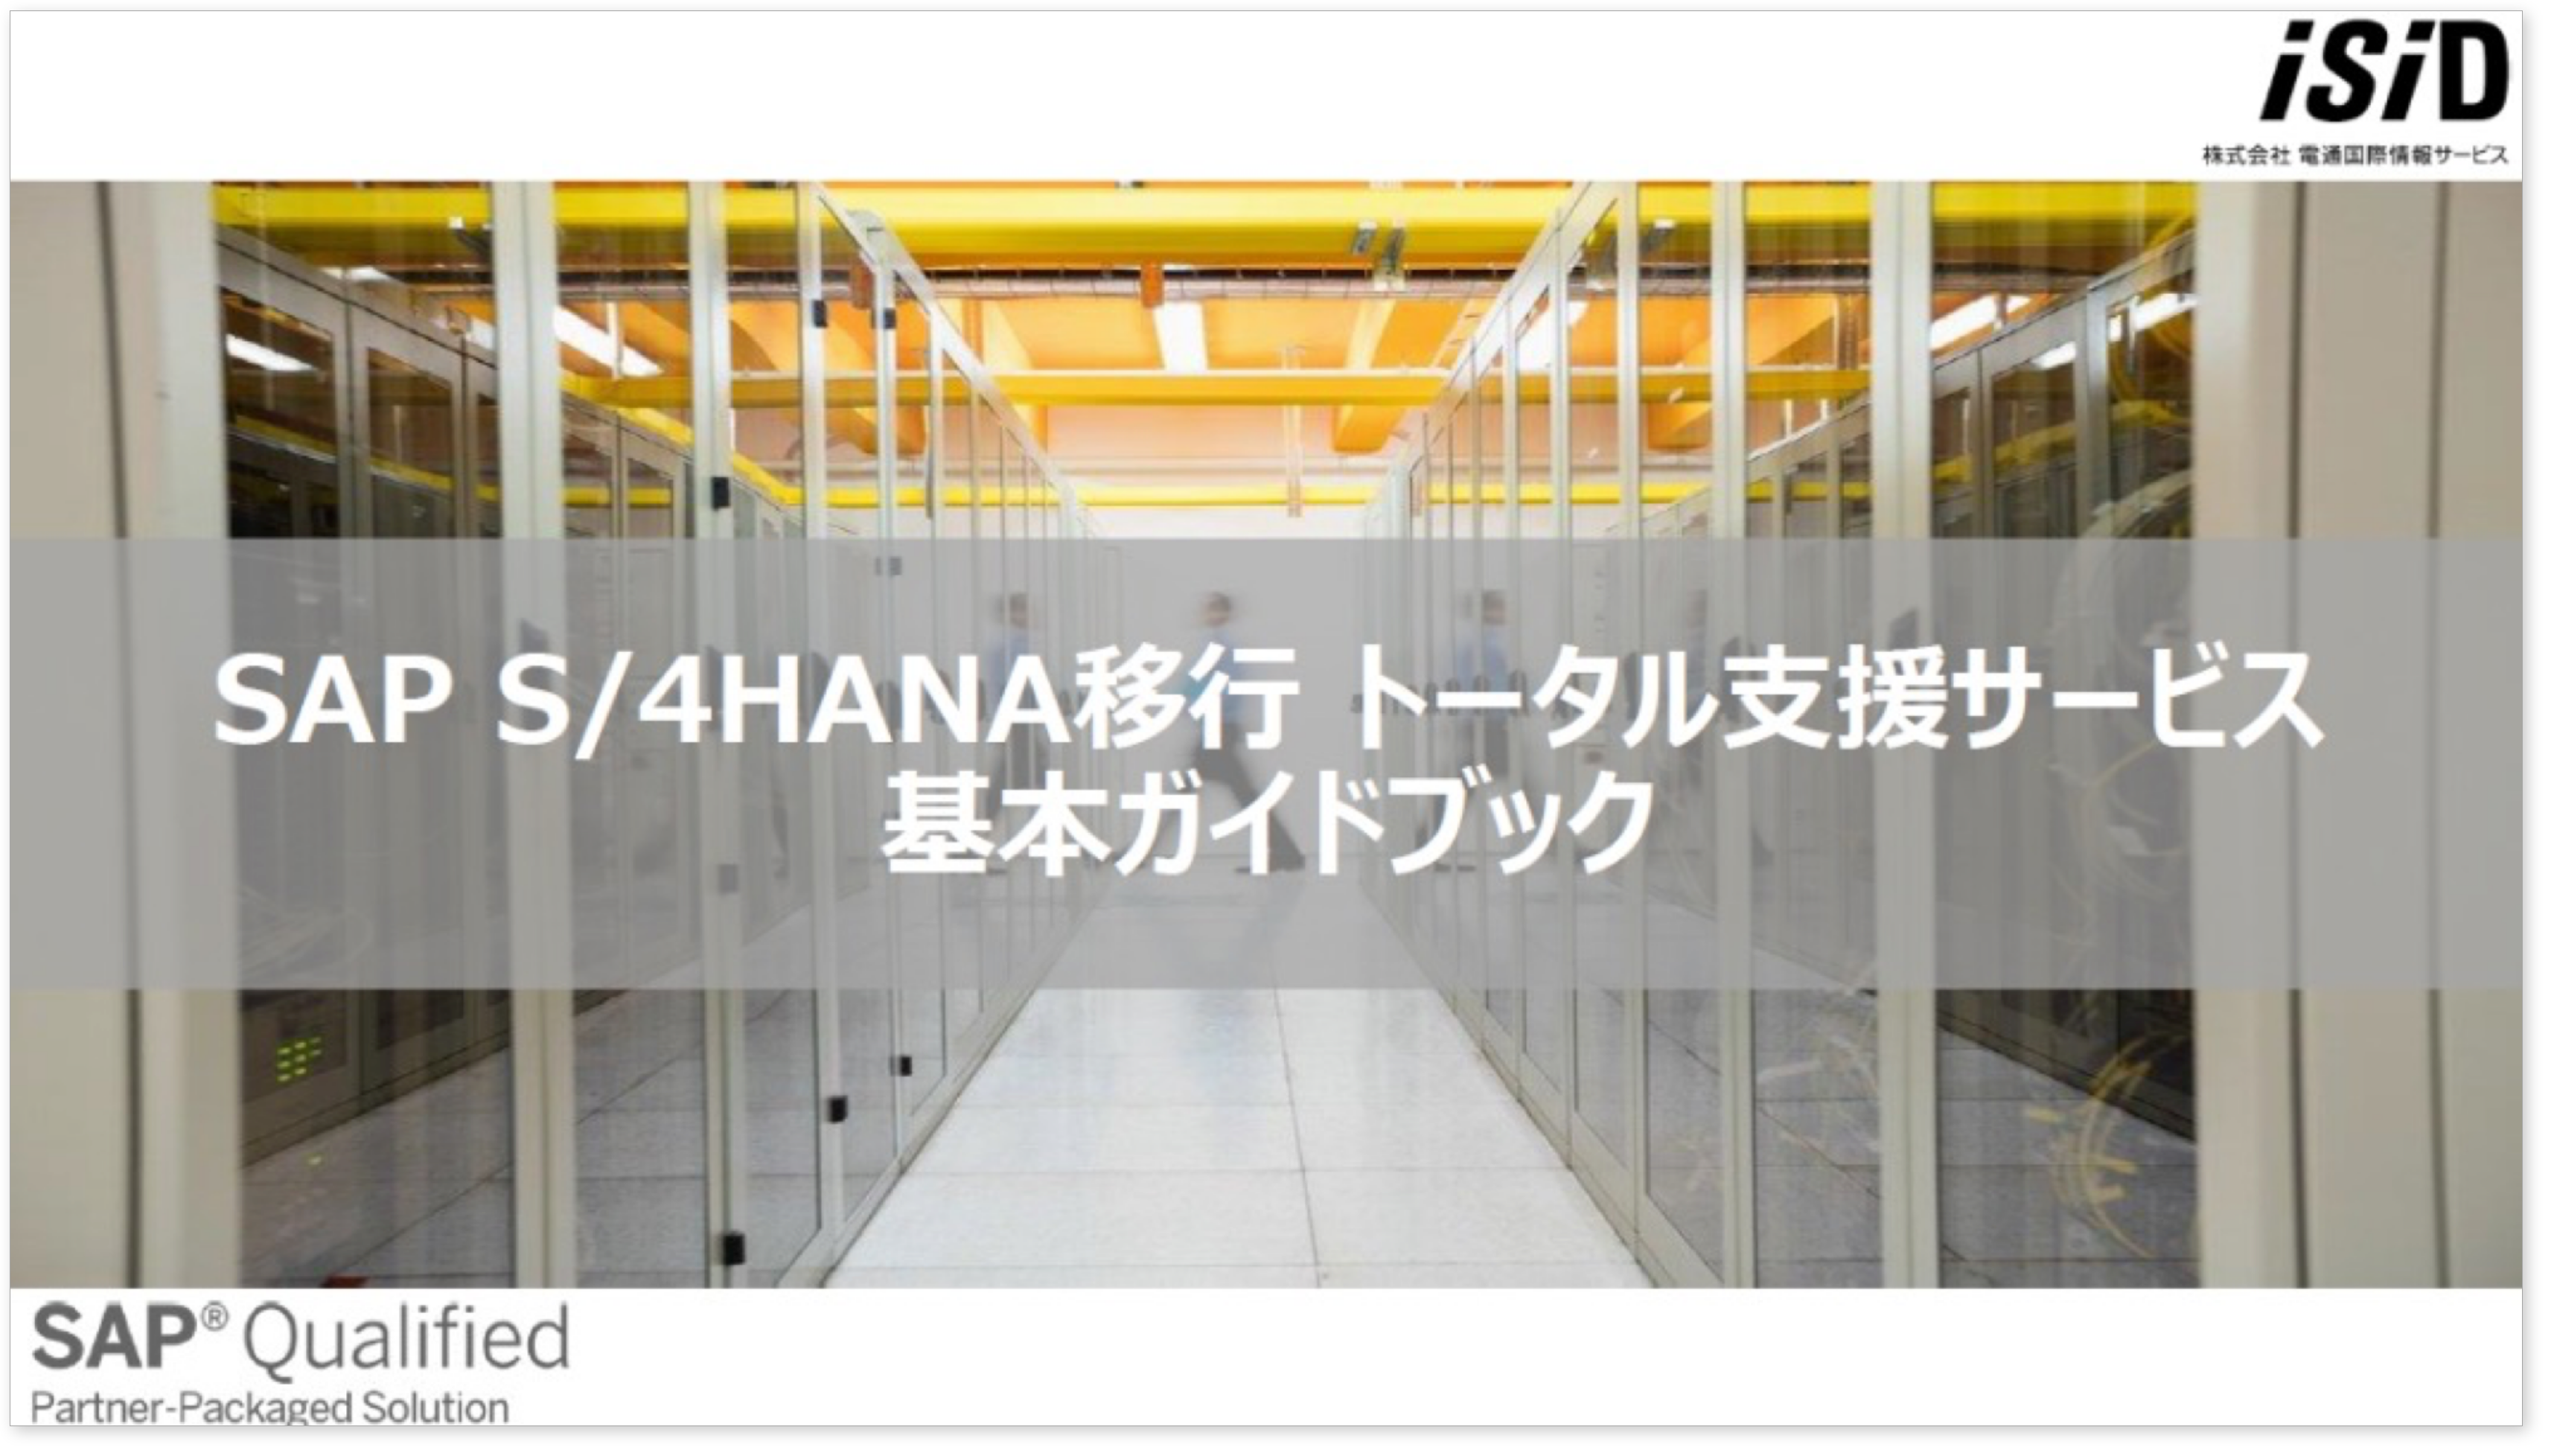 [ガイドブック]SAP S/4HANA移行トータル支援サービス 基本ガイドブック